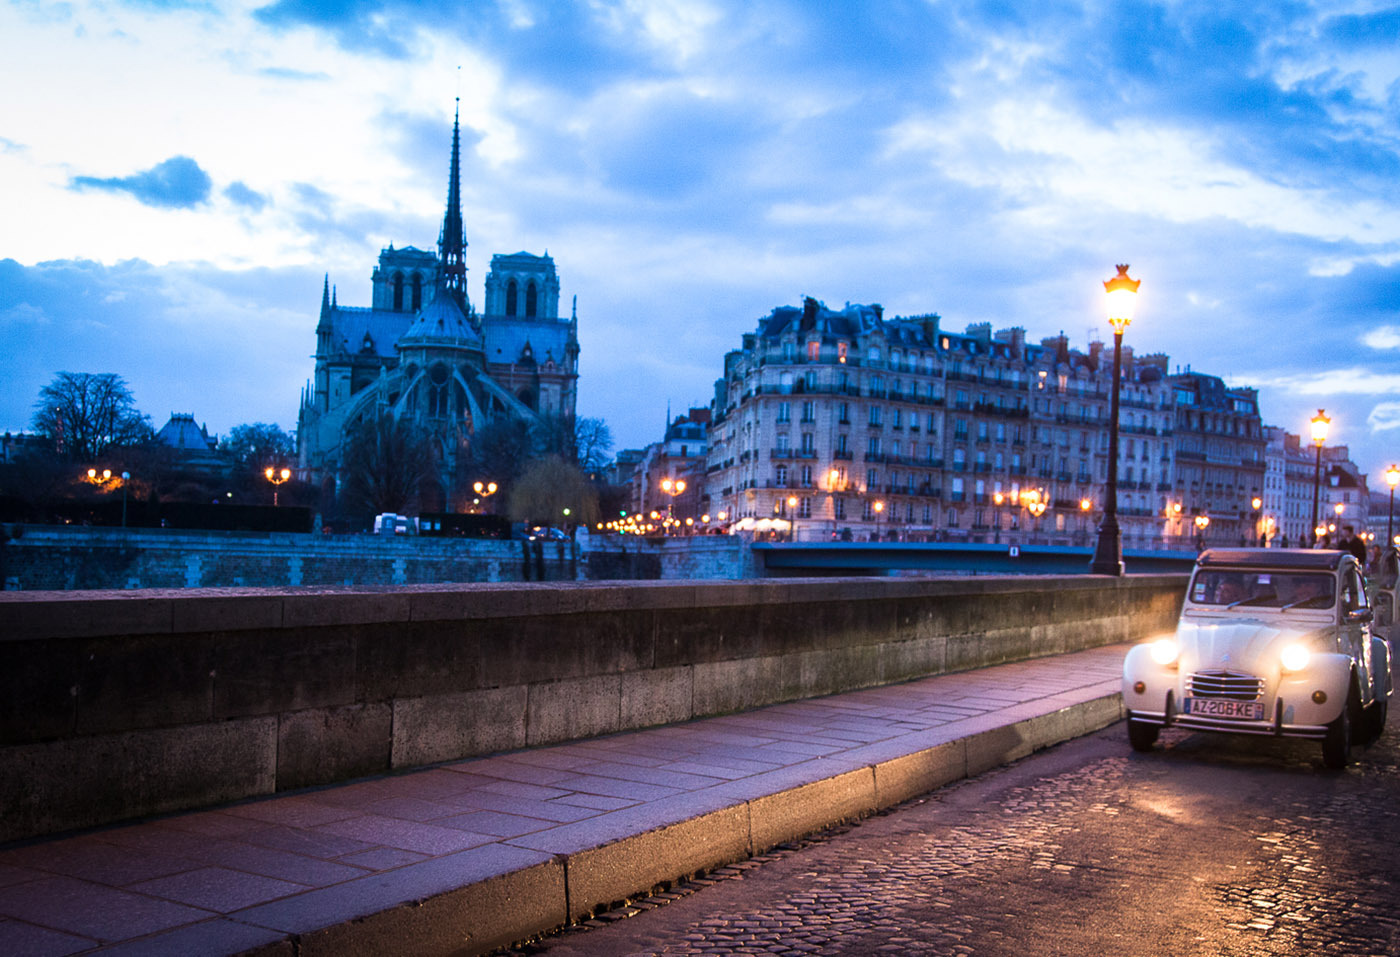 Vivez-le-meilleur-de-Paris-by-night-:-sous-les-étoiles-d'un-Paris-légendaire-vous-entrerez-au-coeur-des-monuments-parisiens-les-plus-mythiques-!